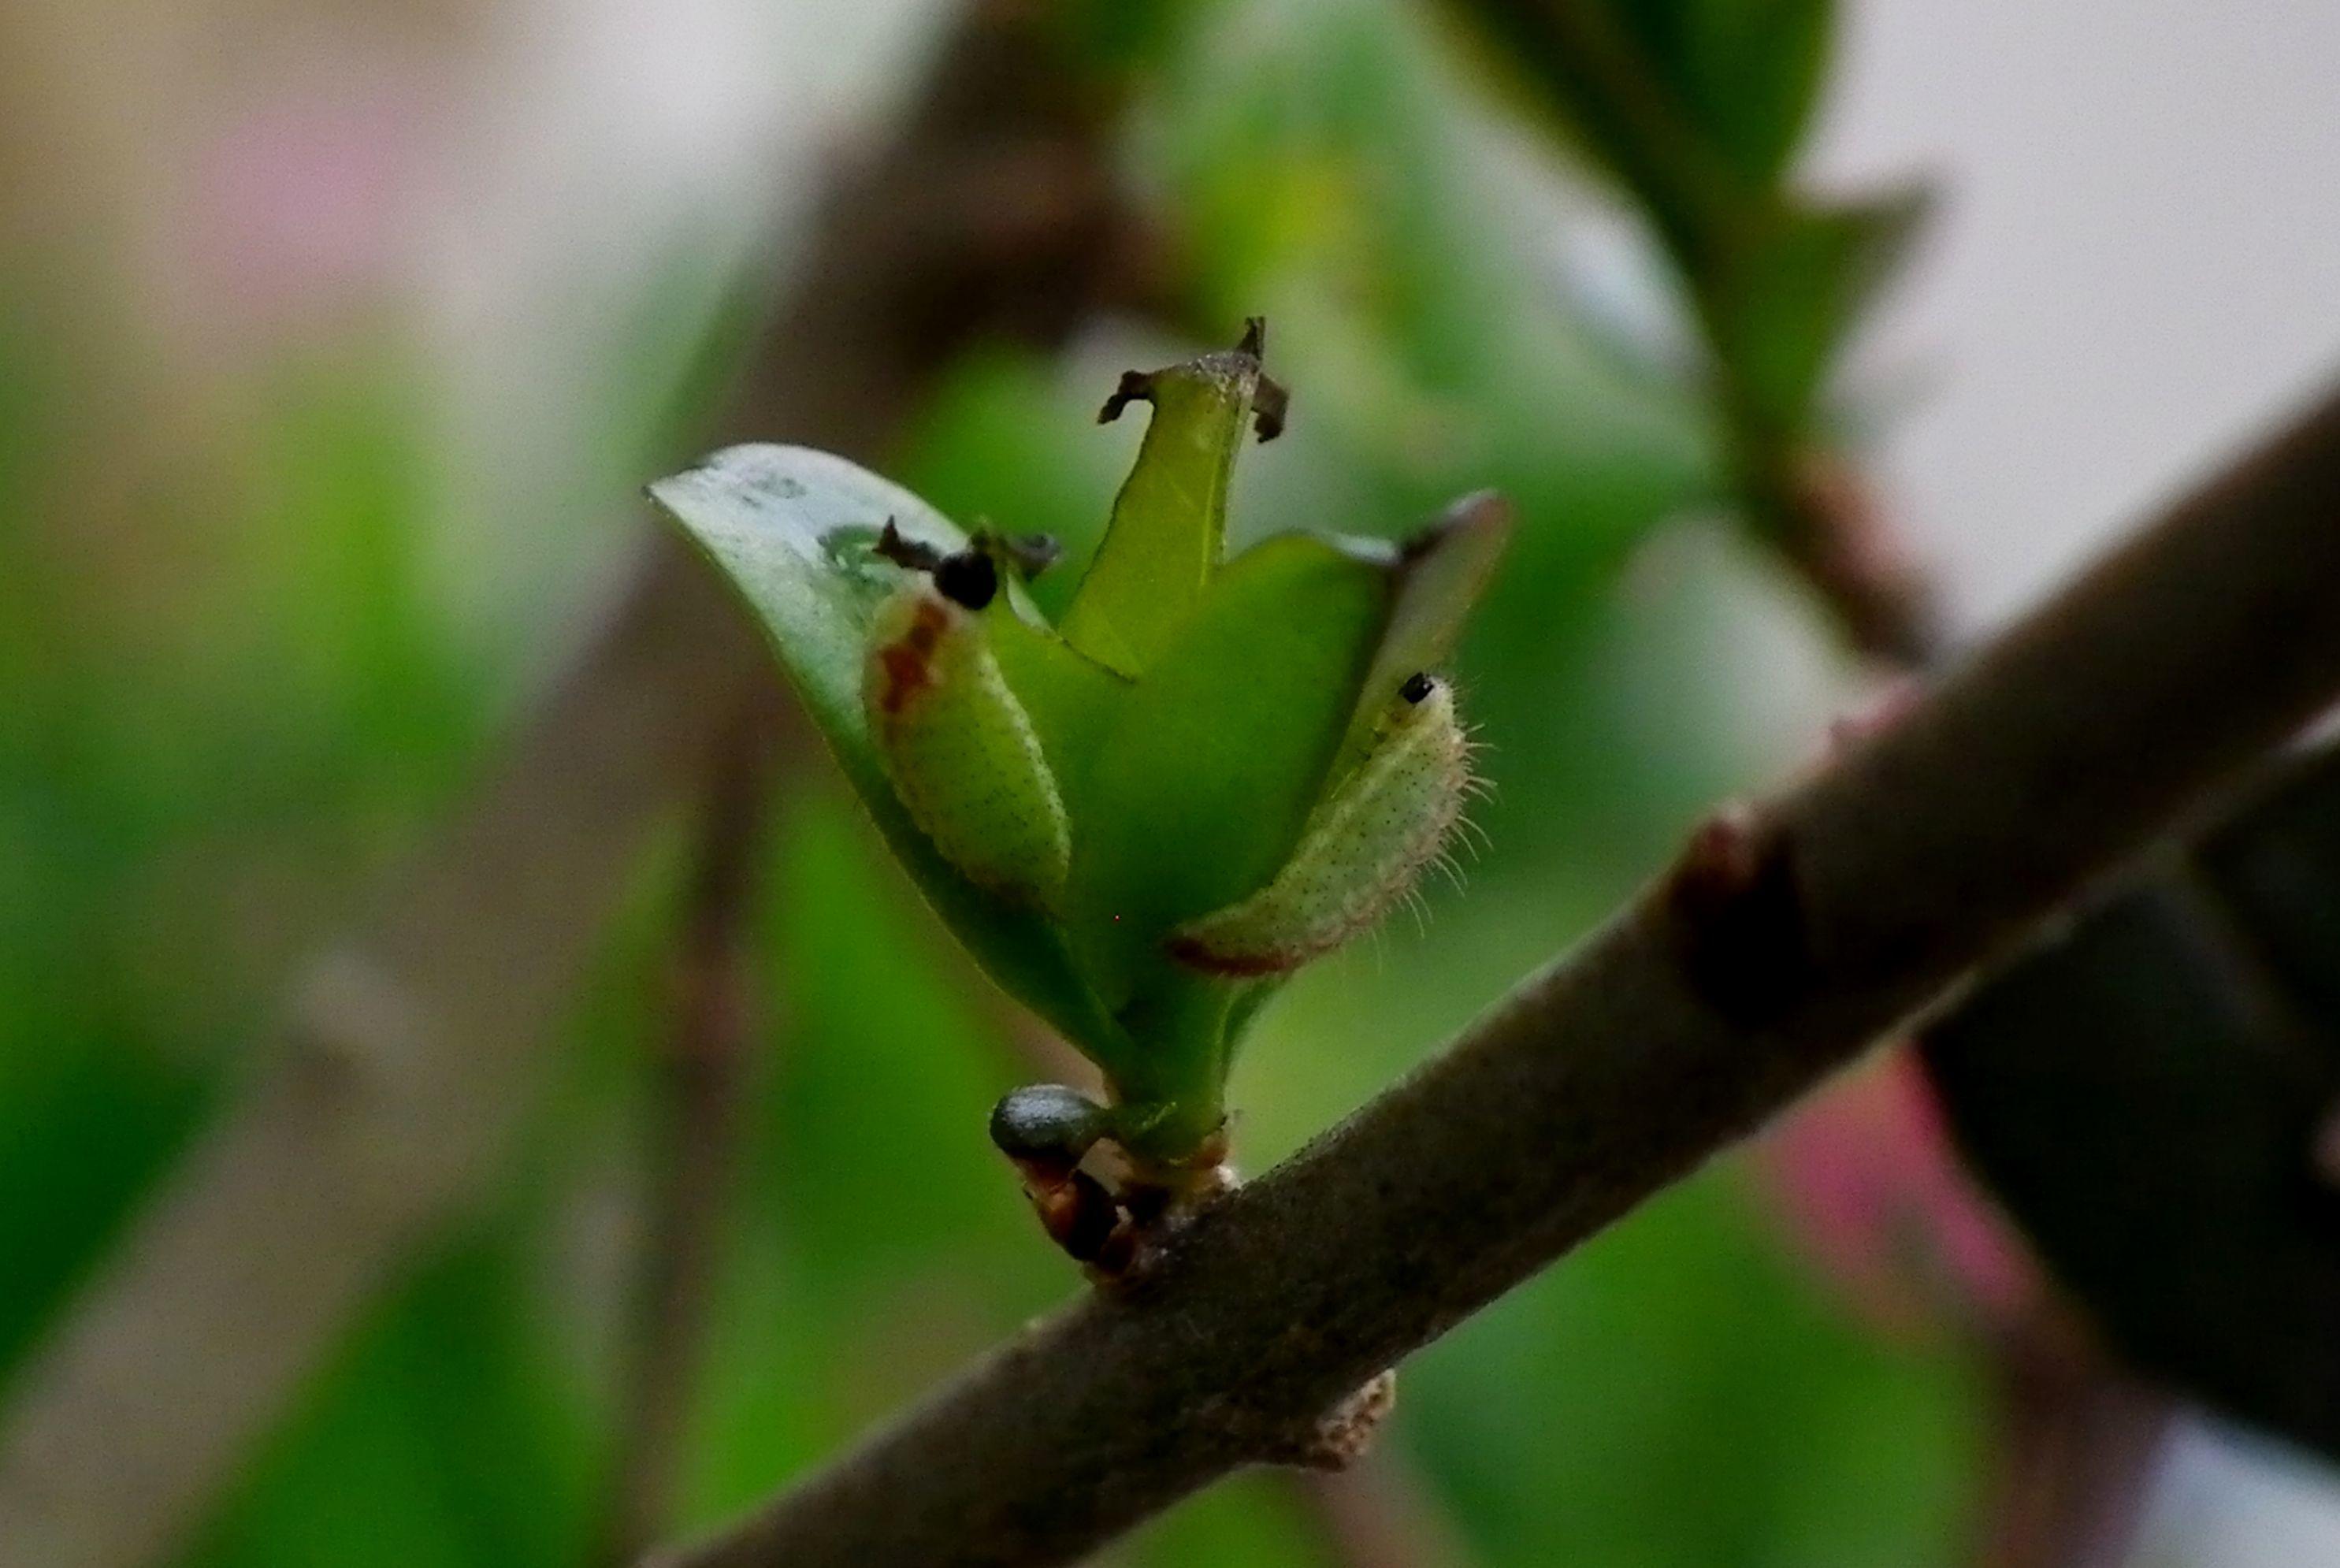 ウラゴマダラシジミ幼虫 3月26日_d0254540_15594308.jpg